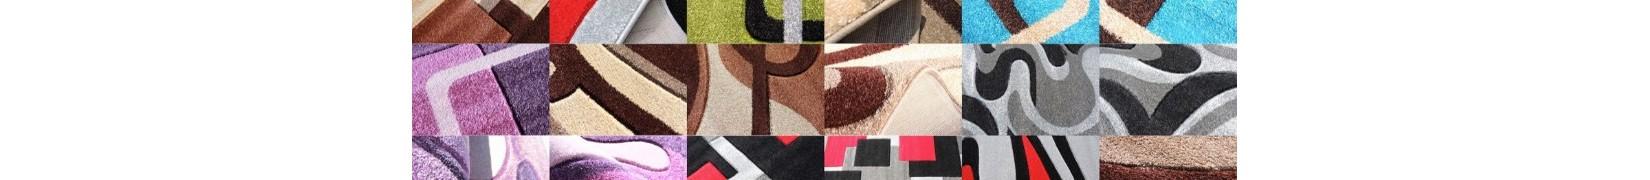 Dywany młodzieżowe, modne, nowoczesne. Poznaj kolekcję Fusche